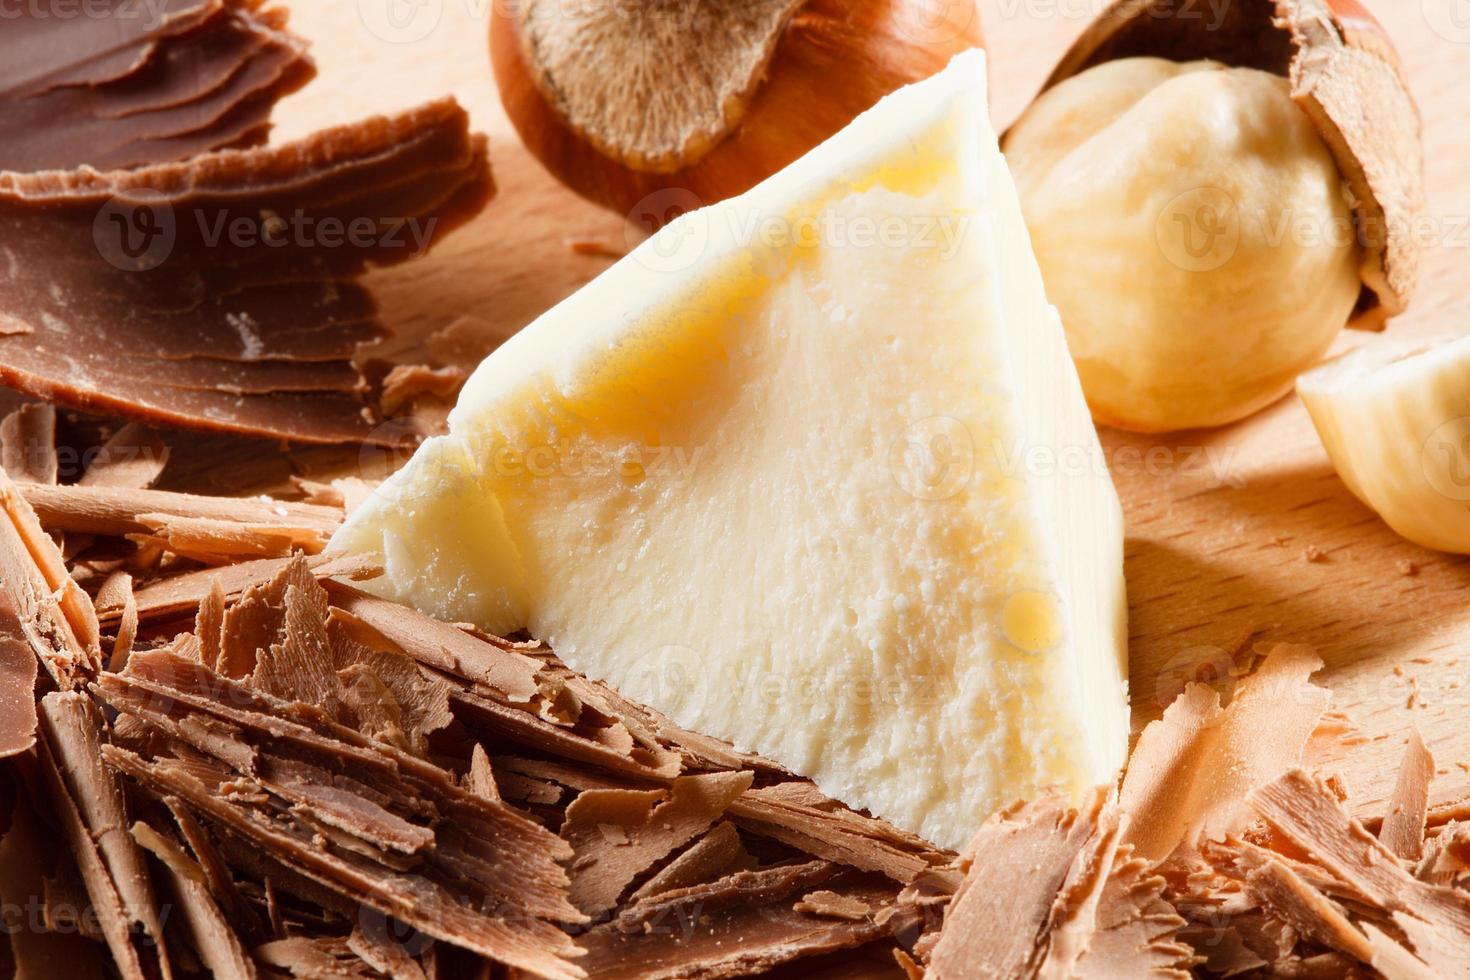 cachos e pedaços de chocolate. macro foto